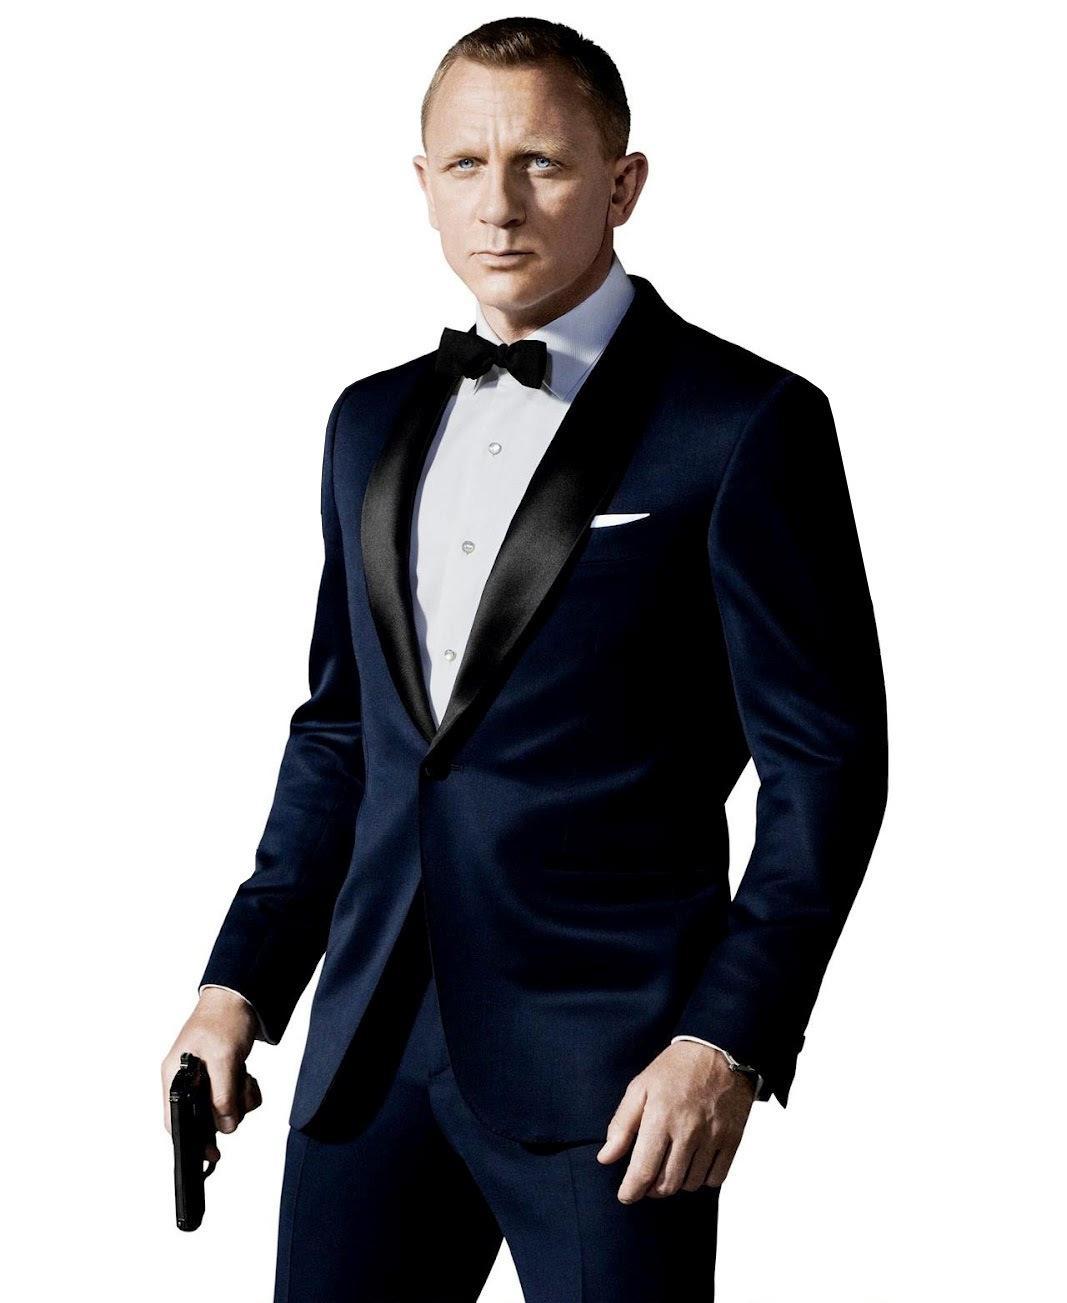 2018 Custom Made bleu marine smokings inspiré par costume porté en James Bond costume de mariage pour hommes garçons d'honneur coupe Slim Suit (veste + pantalon + arc)